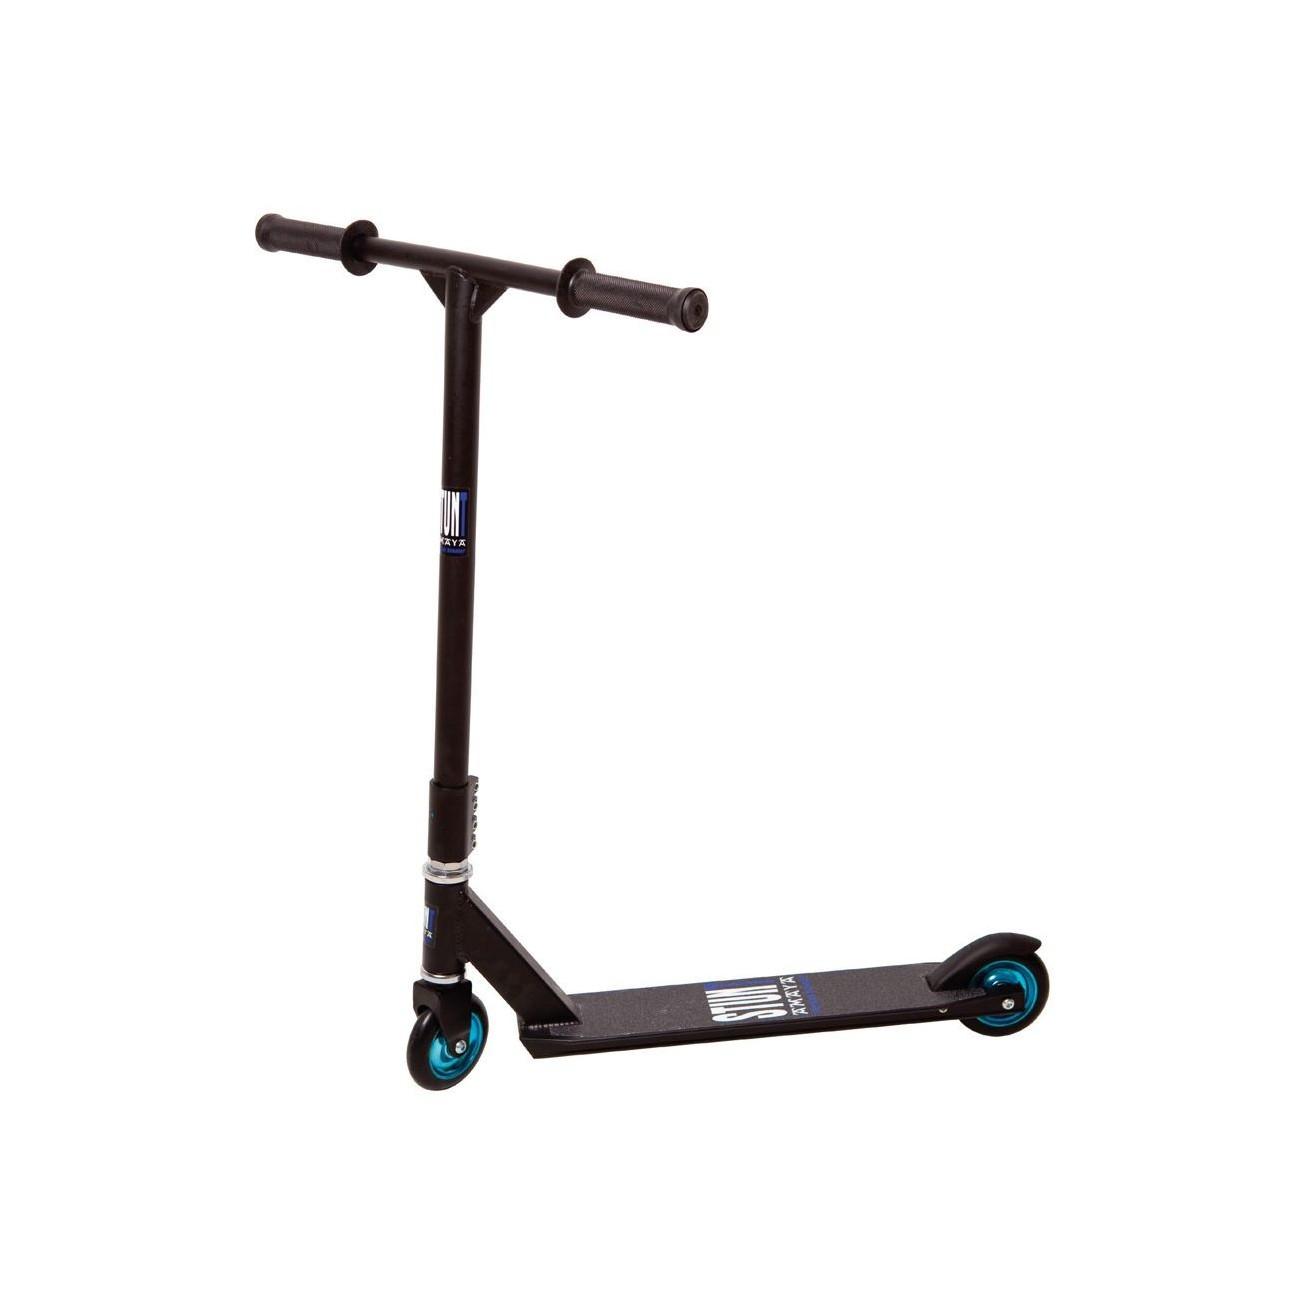 scooter stunt x extreme amayasport. Black Bedroom Furniture Sets. Home Design Ideas